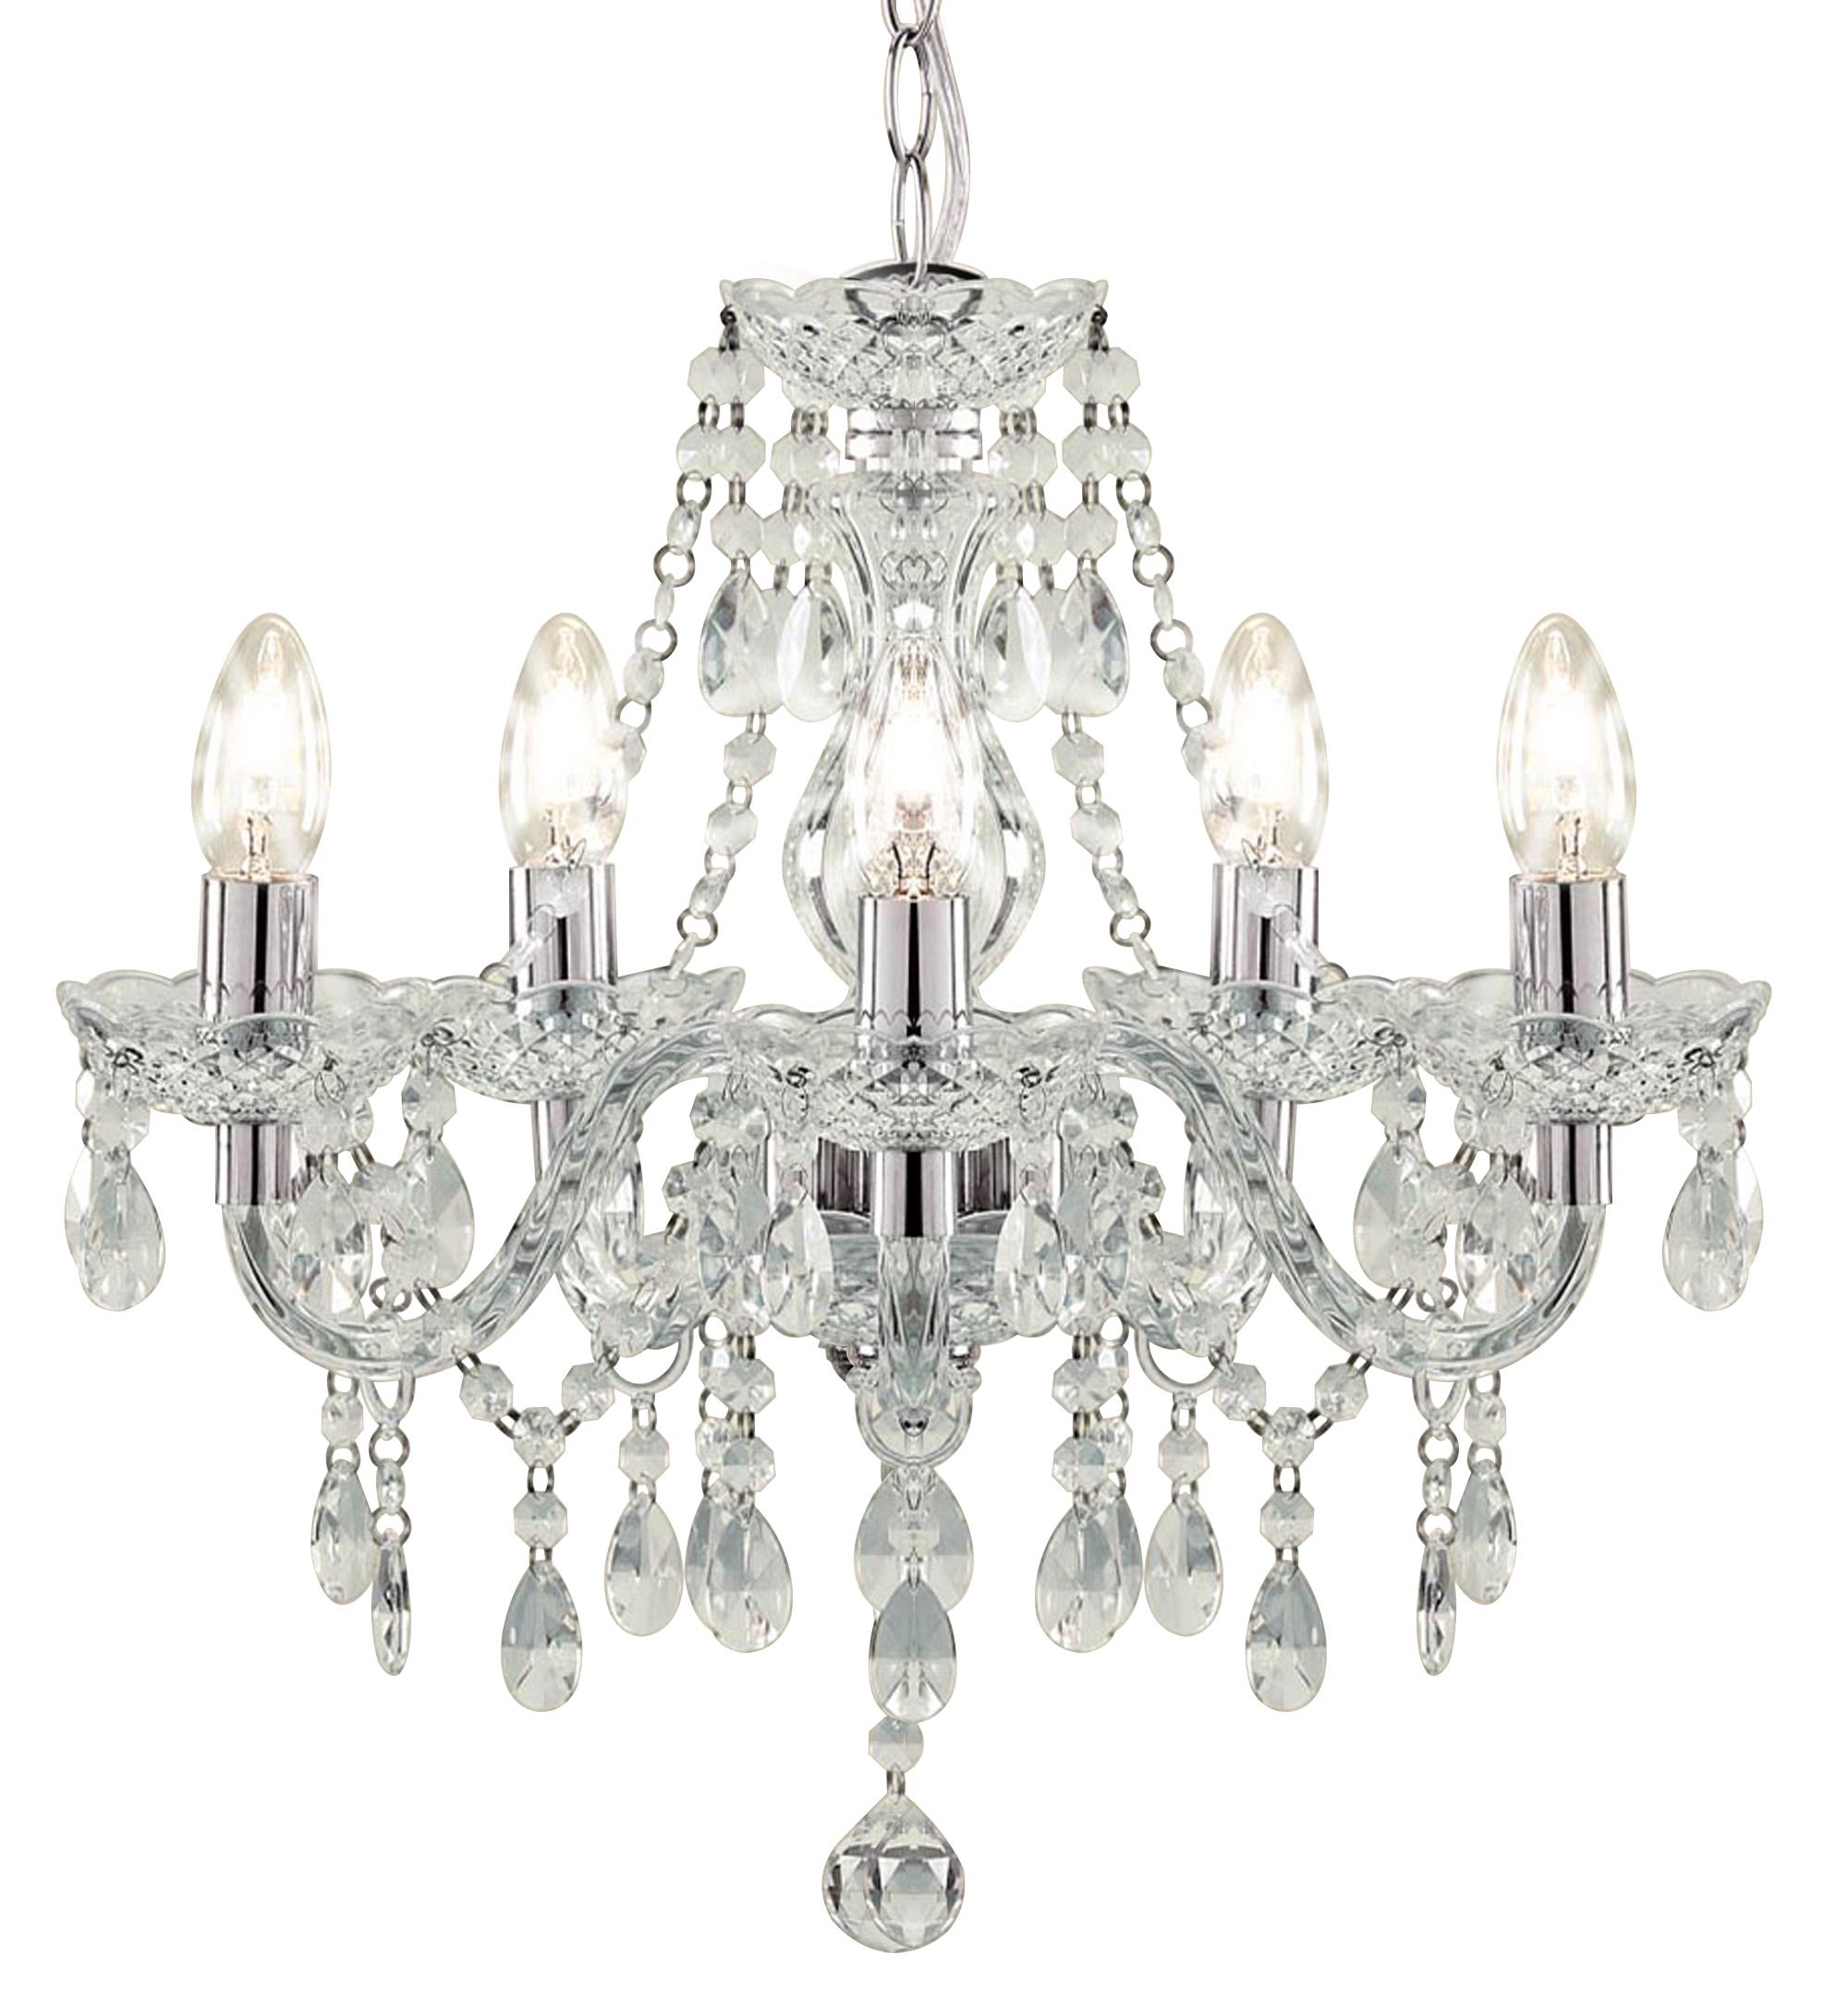 Badezimmerm Bel Klassisch kronleuchter modern chrom kronleuchter modern design deckenleuchte le leuchte kronleuchter